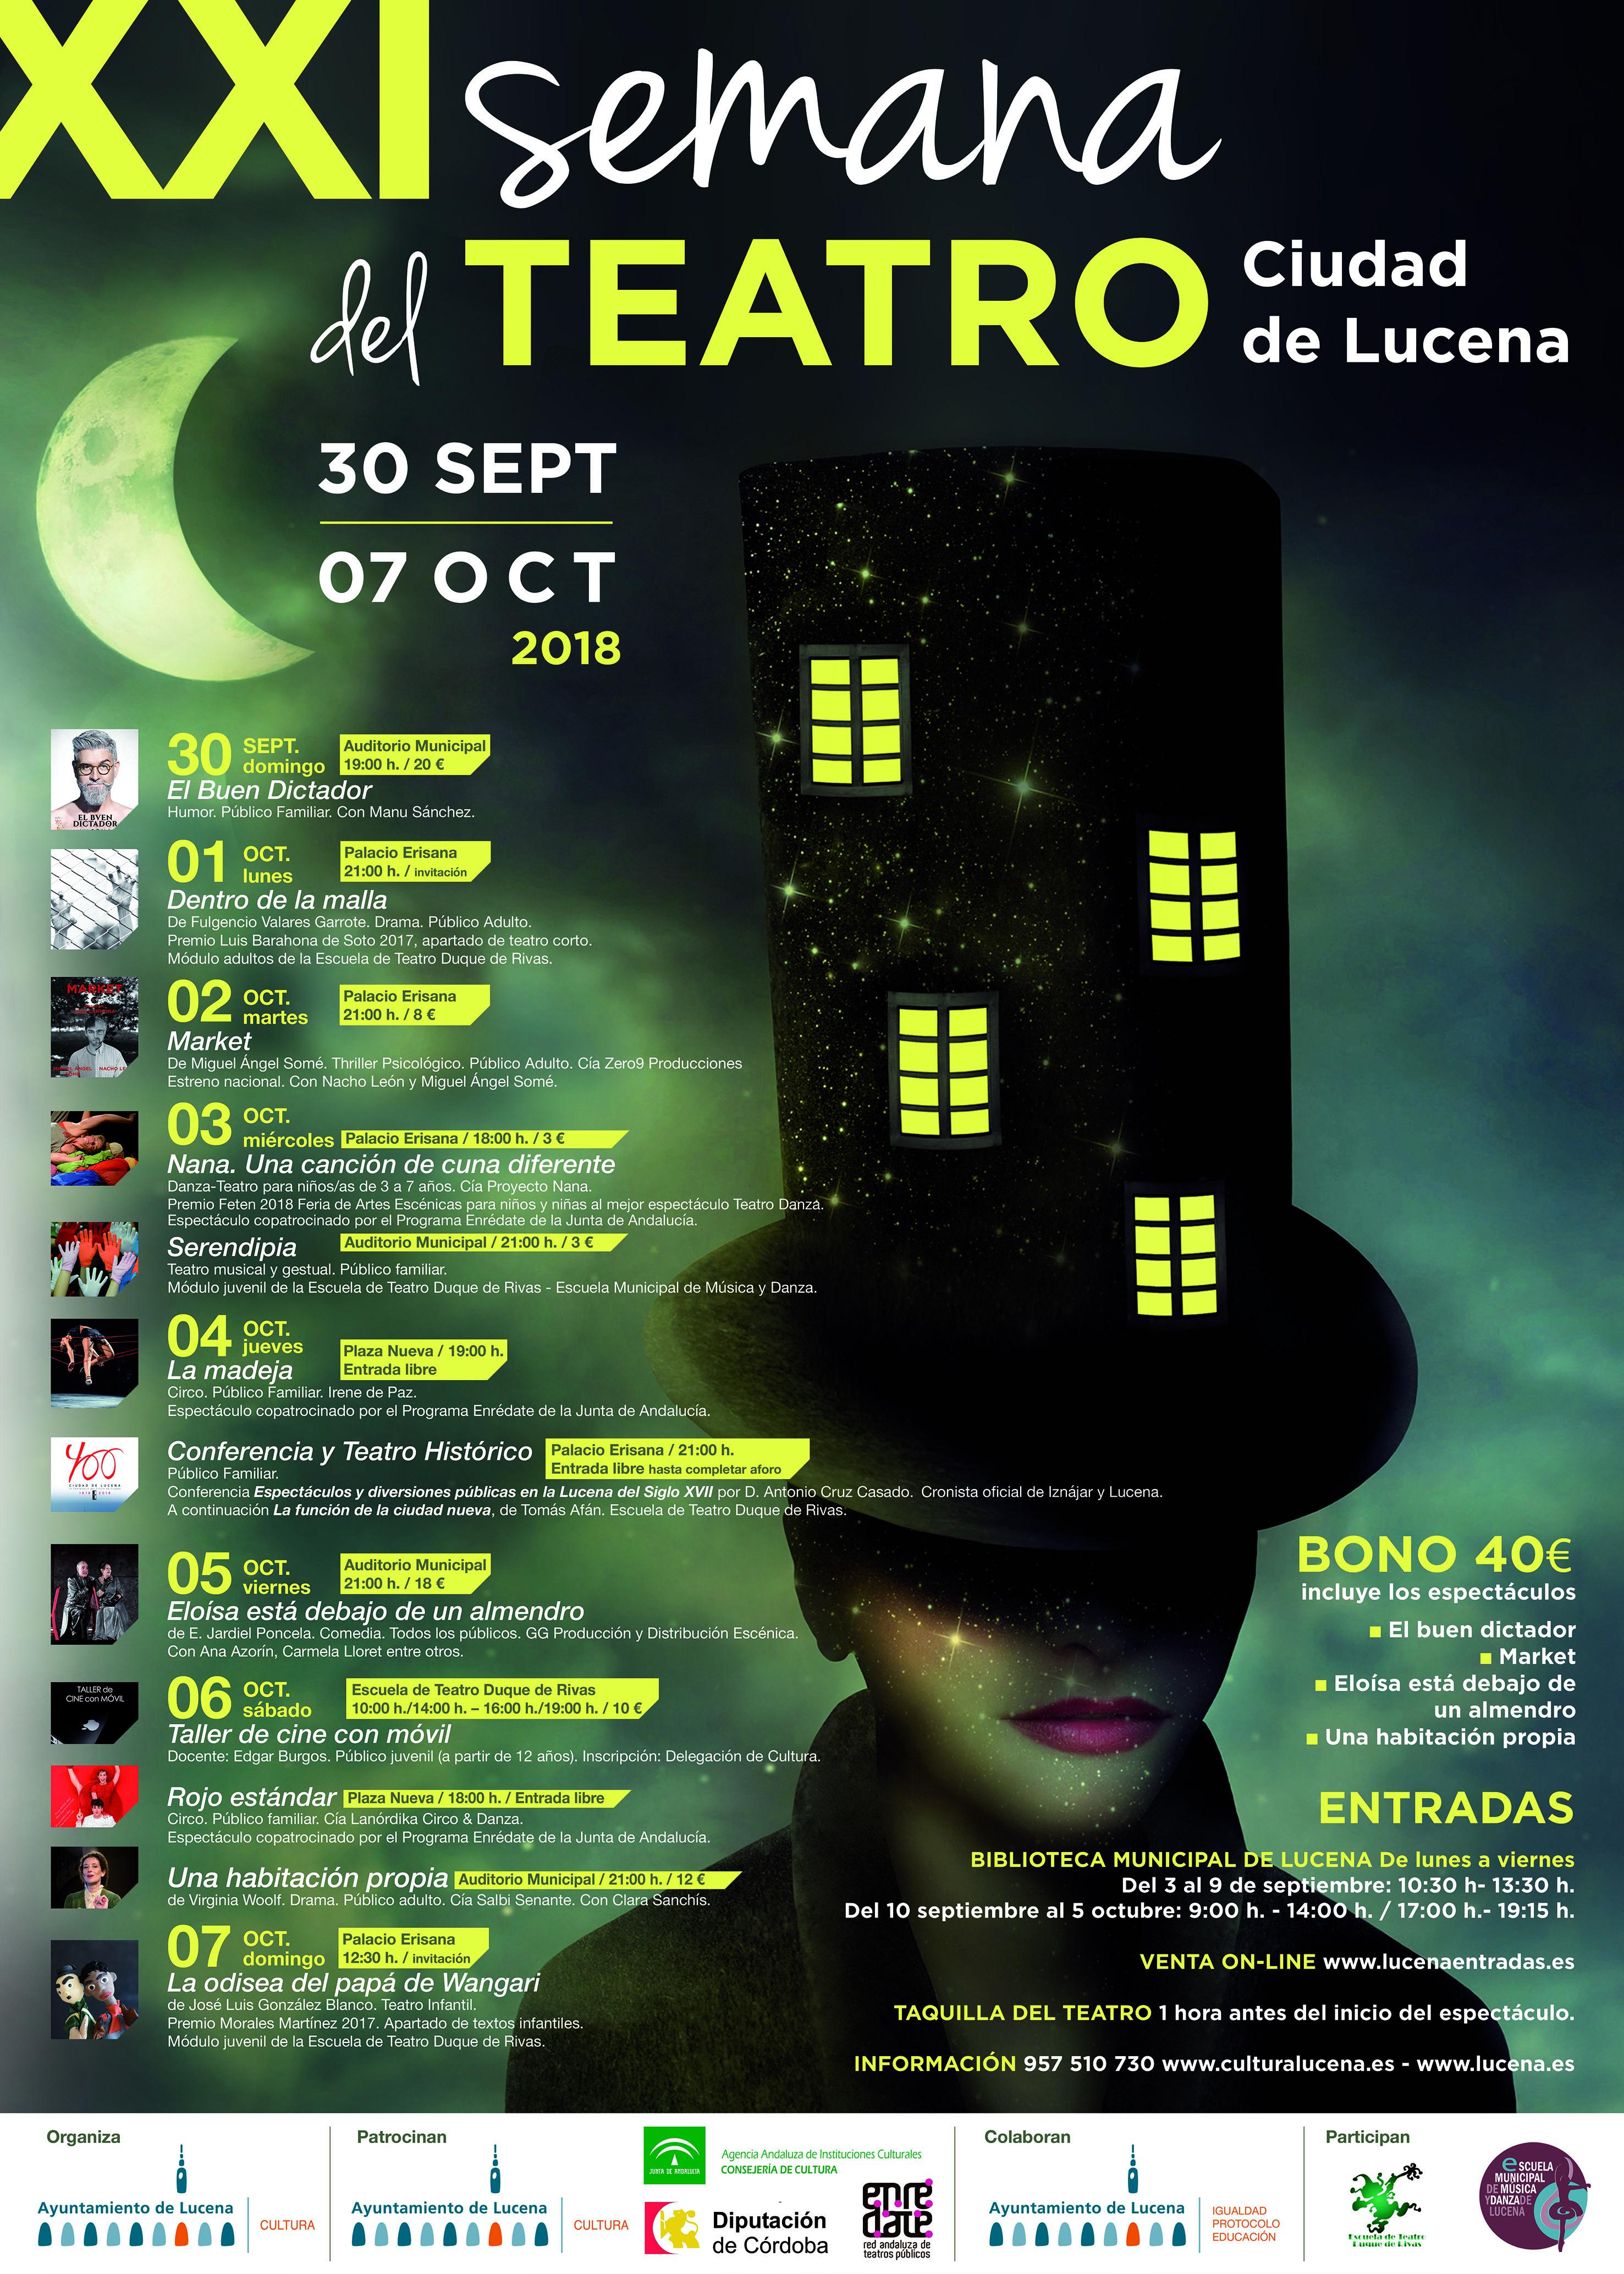 XXI Semana del Teatro Ciudad de Lucena @ varios espacios